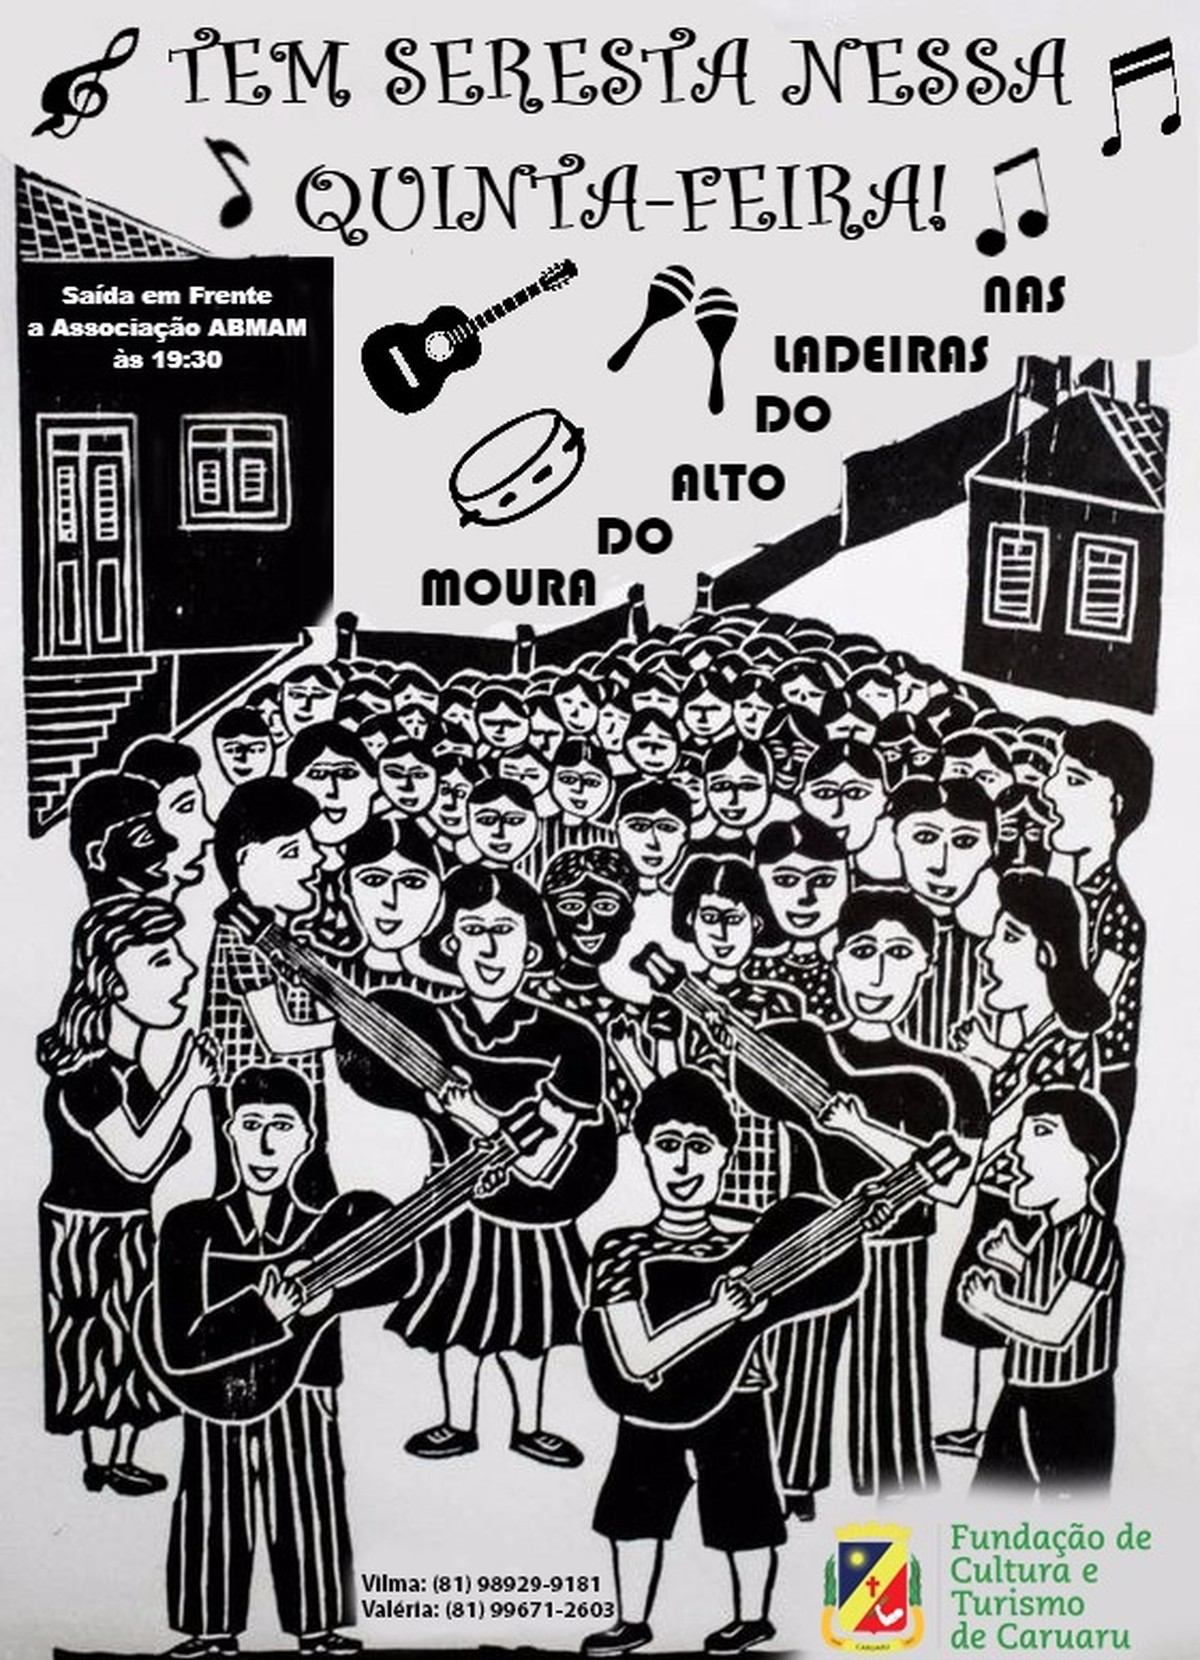 'Seresta Alto do Moura' é realizada nesta quinta-feira (18) em Caruaru